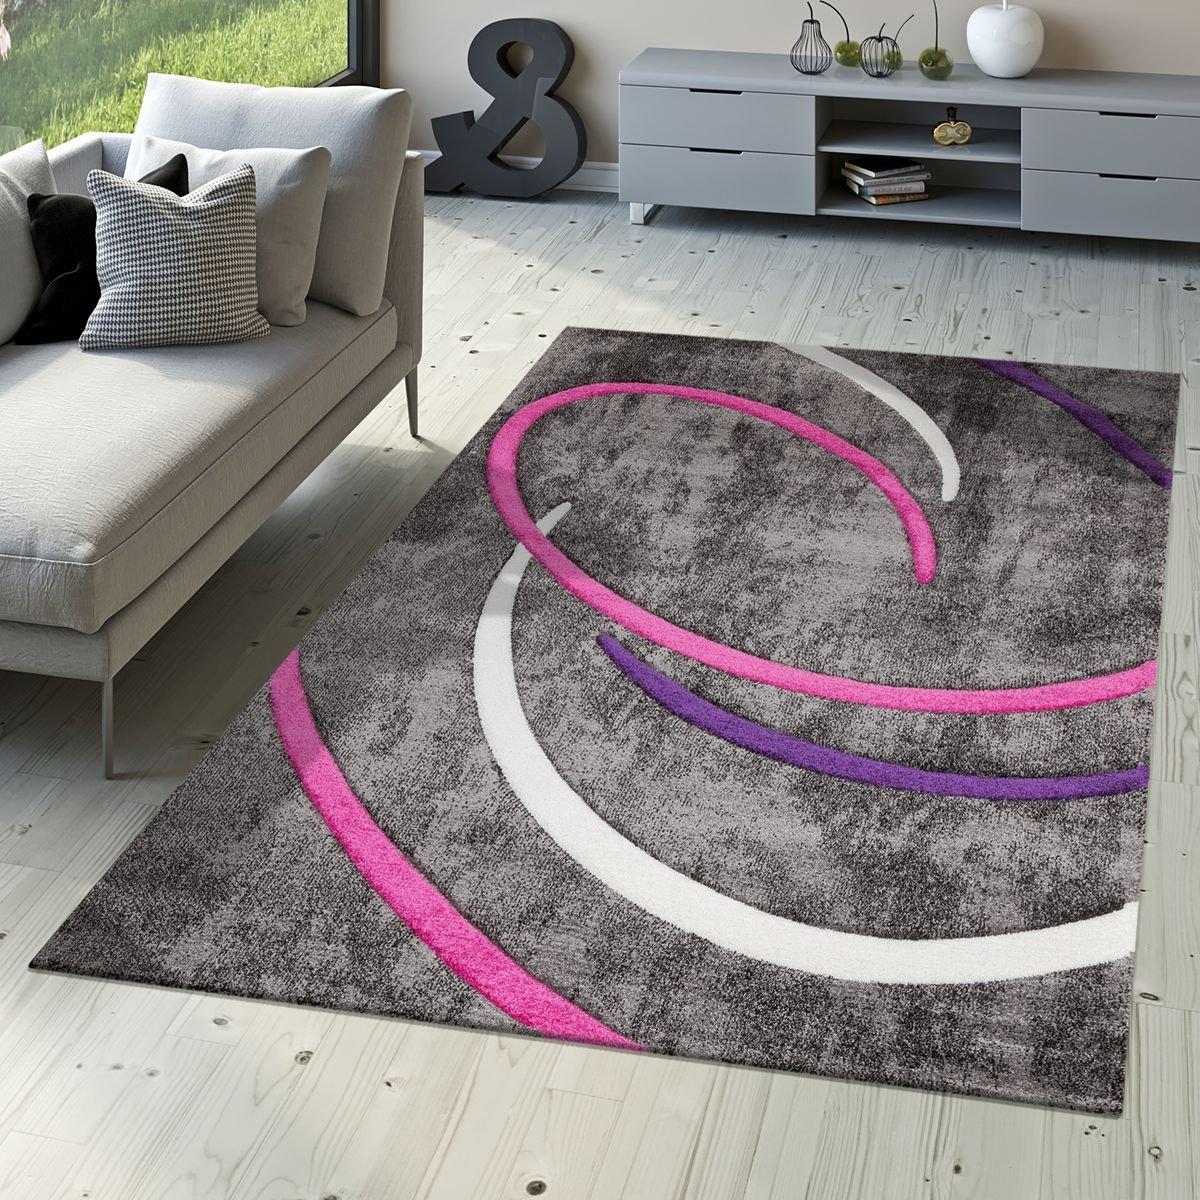 T&T Design Kurzflor Wohnzimmer Teppich Modern Ebro mit Spiralen Muster in Grau Lila Creme, Größe:200x290 cm